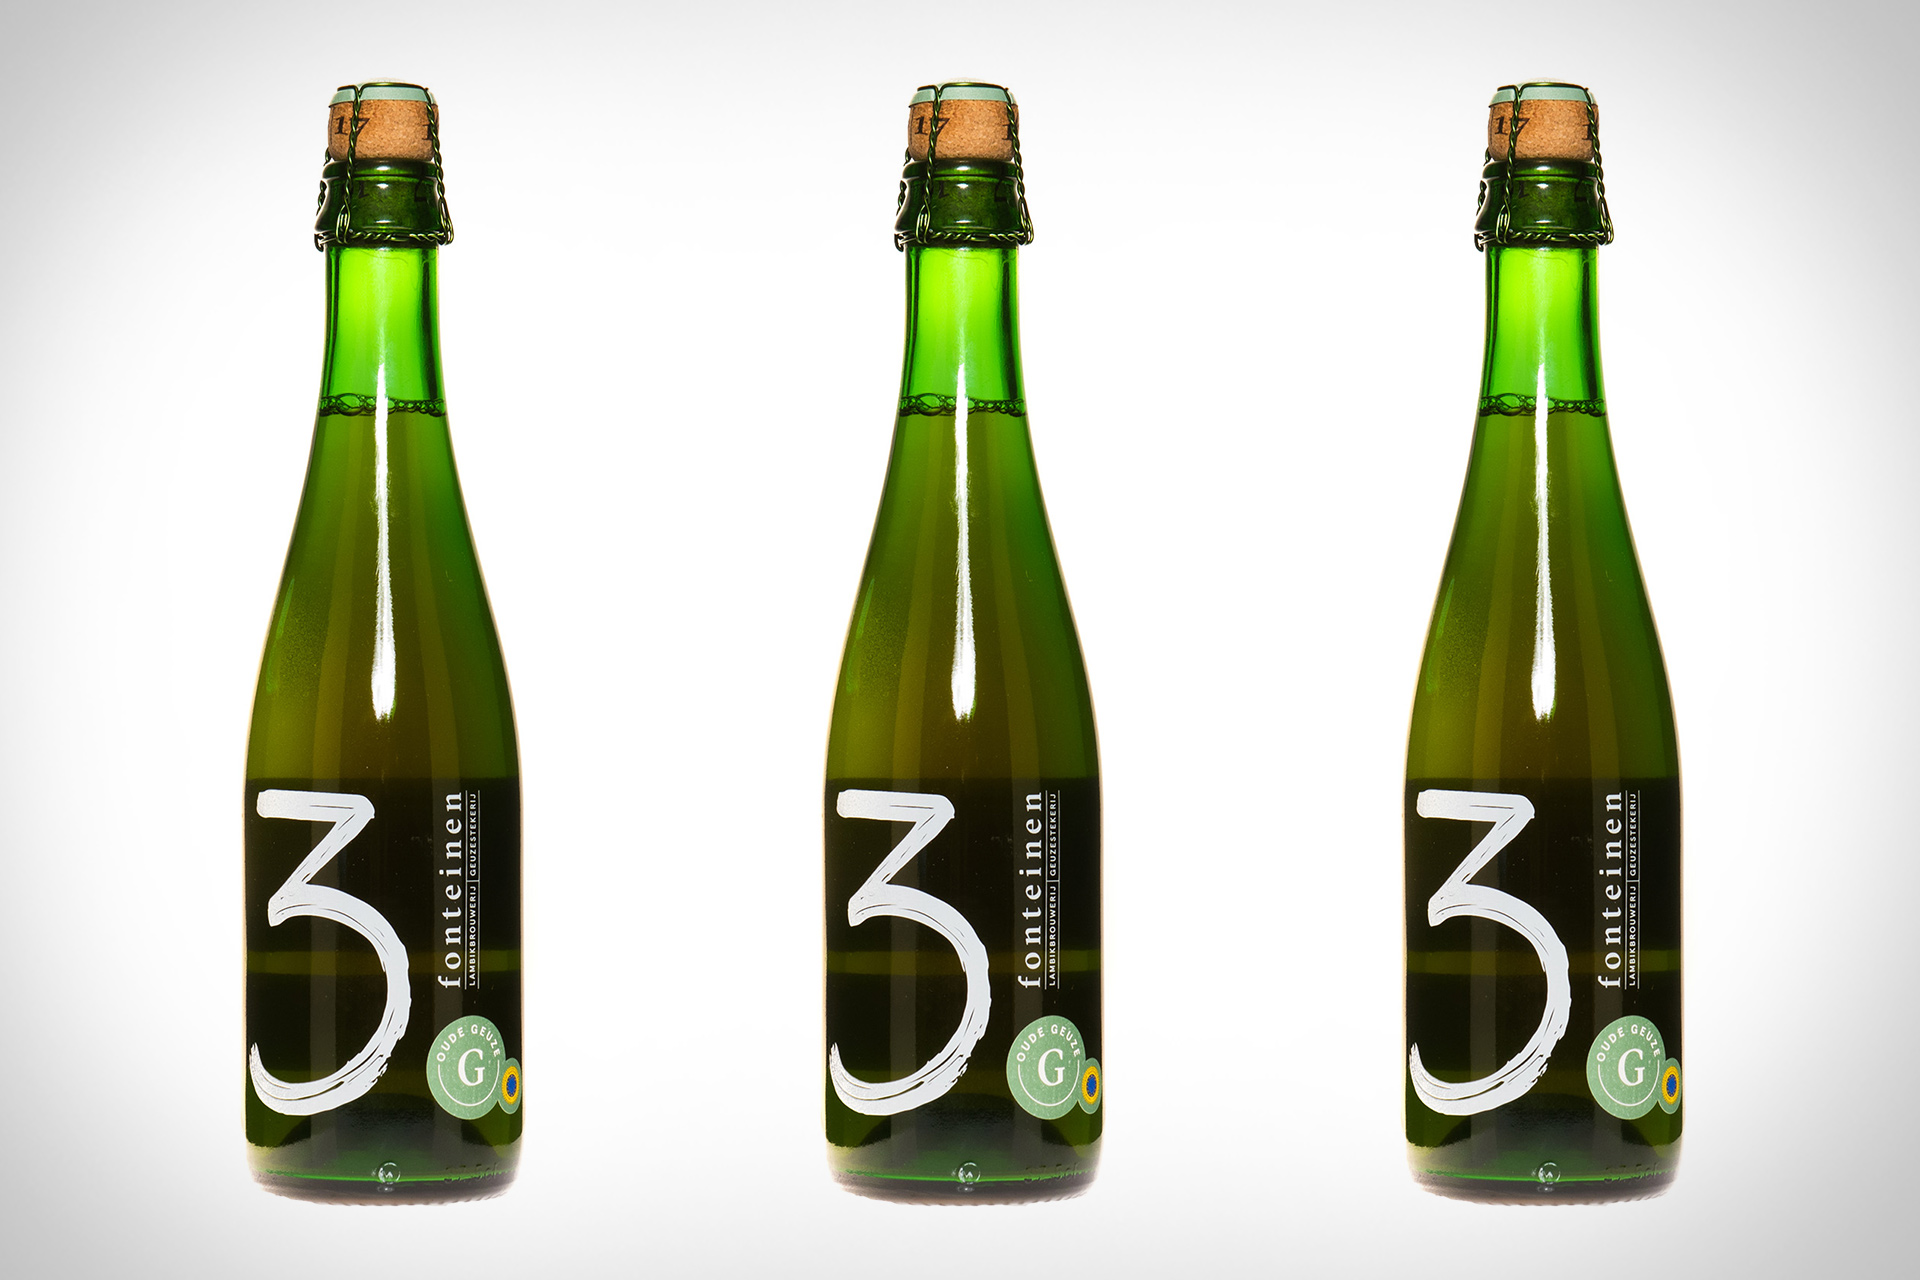 Drie Fonteinen Oude Geuze Beer